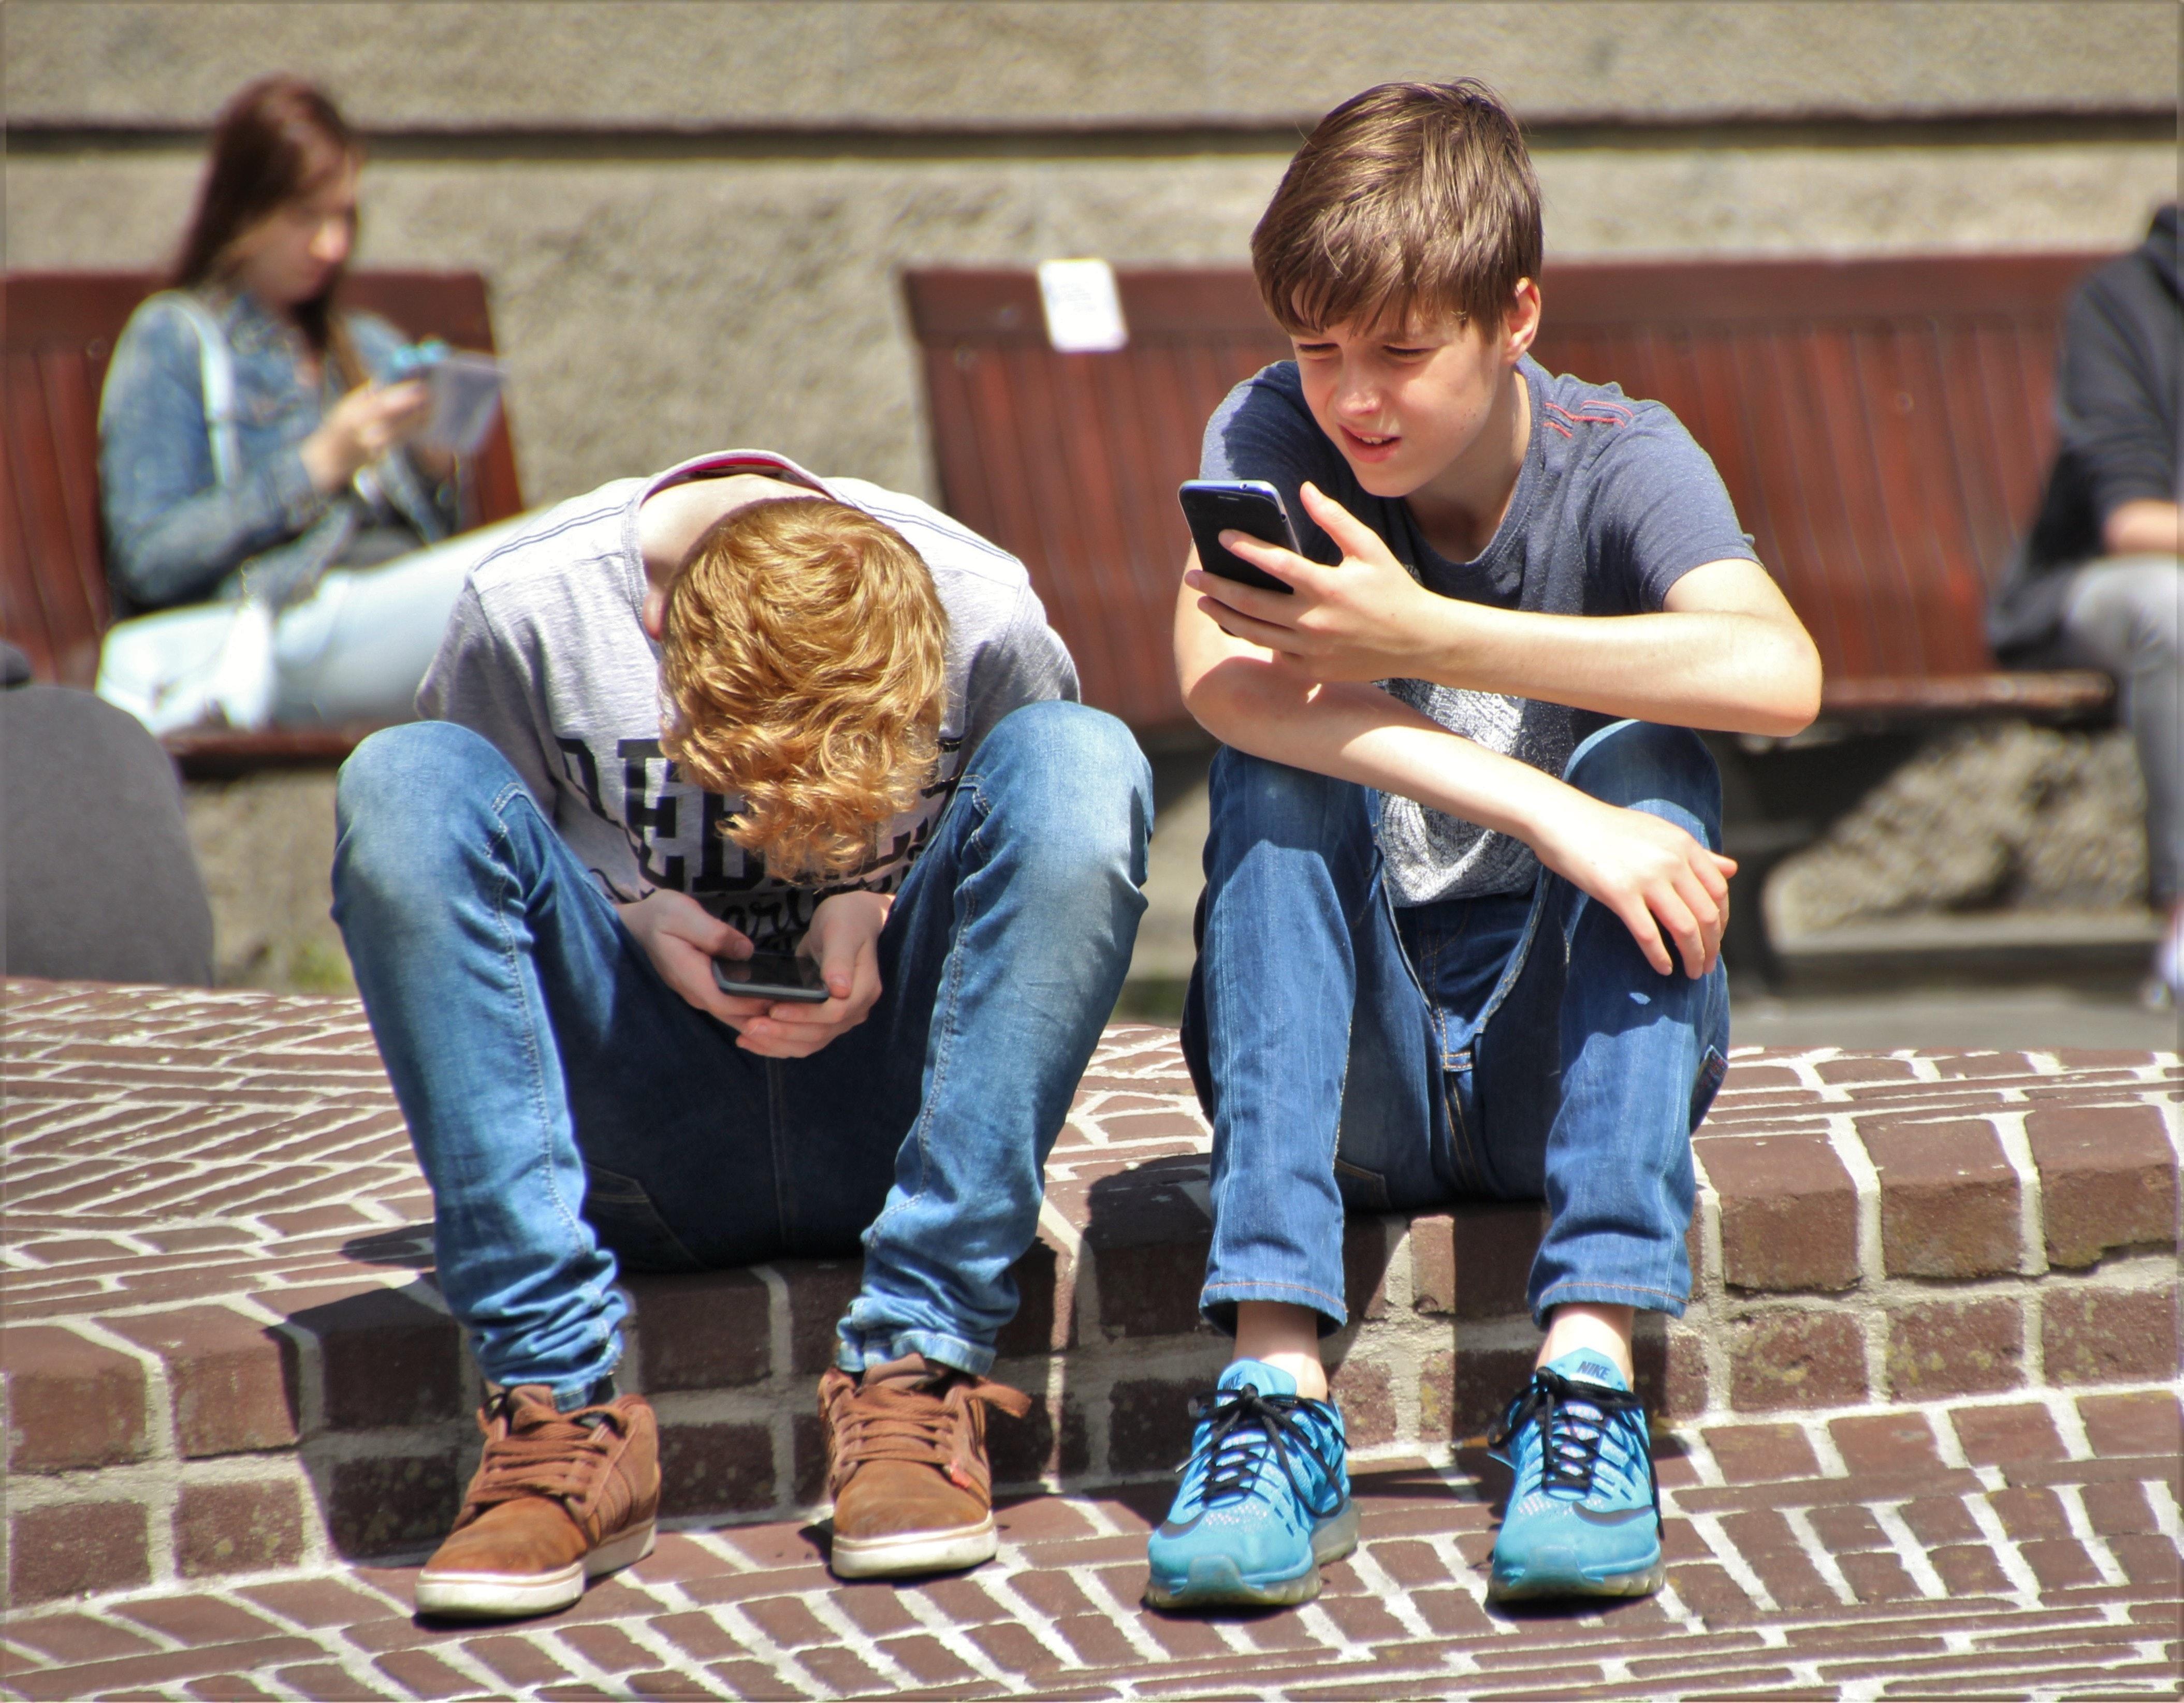 Il GDPR vieta Facebook ai minori di 16 anni: fake news?